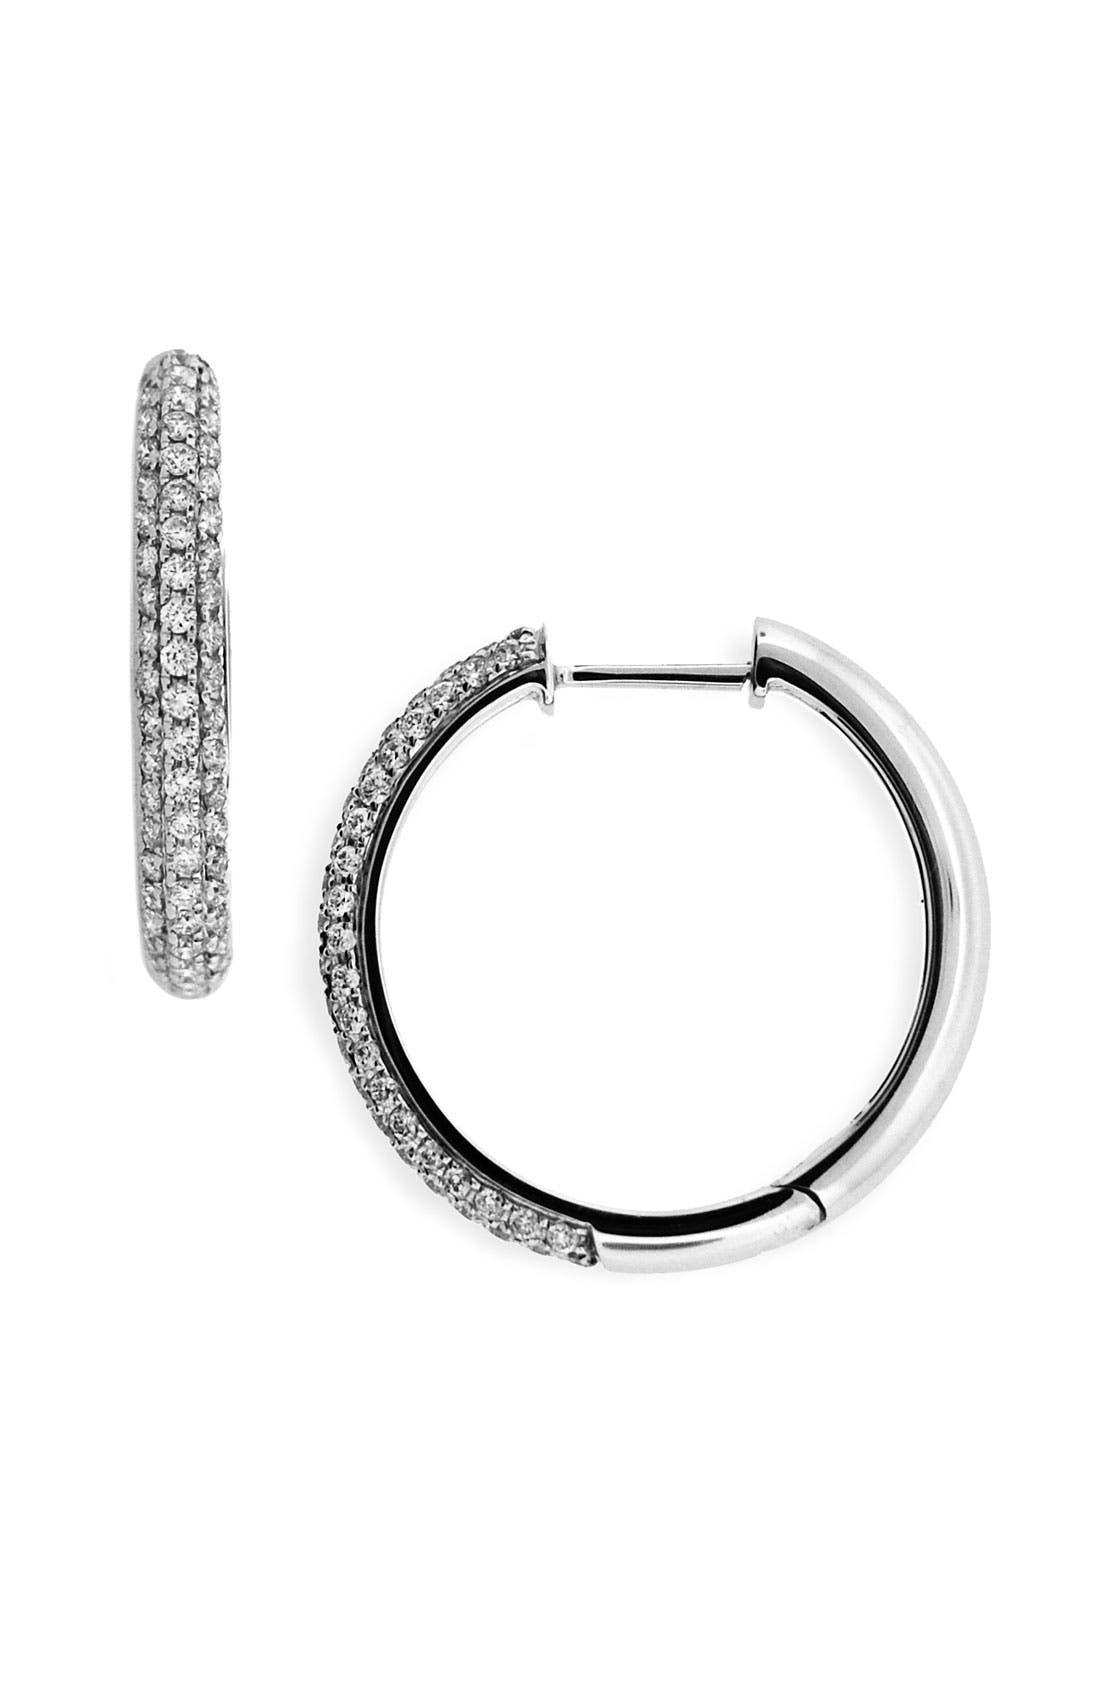 Main Image - Bony Levy 20mm Diamond Hoop Earrings (Nordstrom Exclusive)